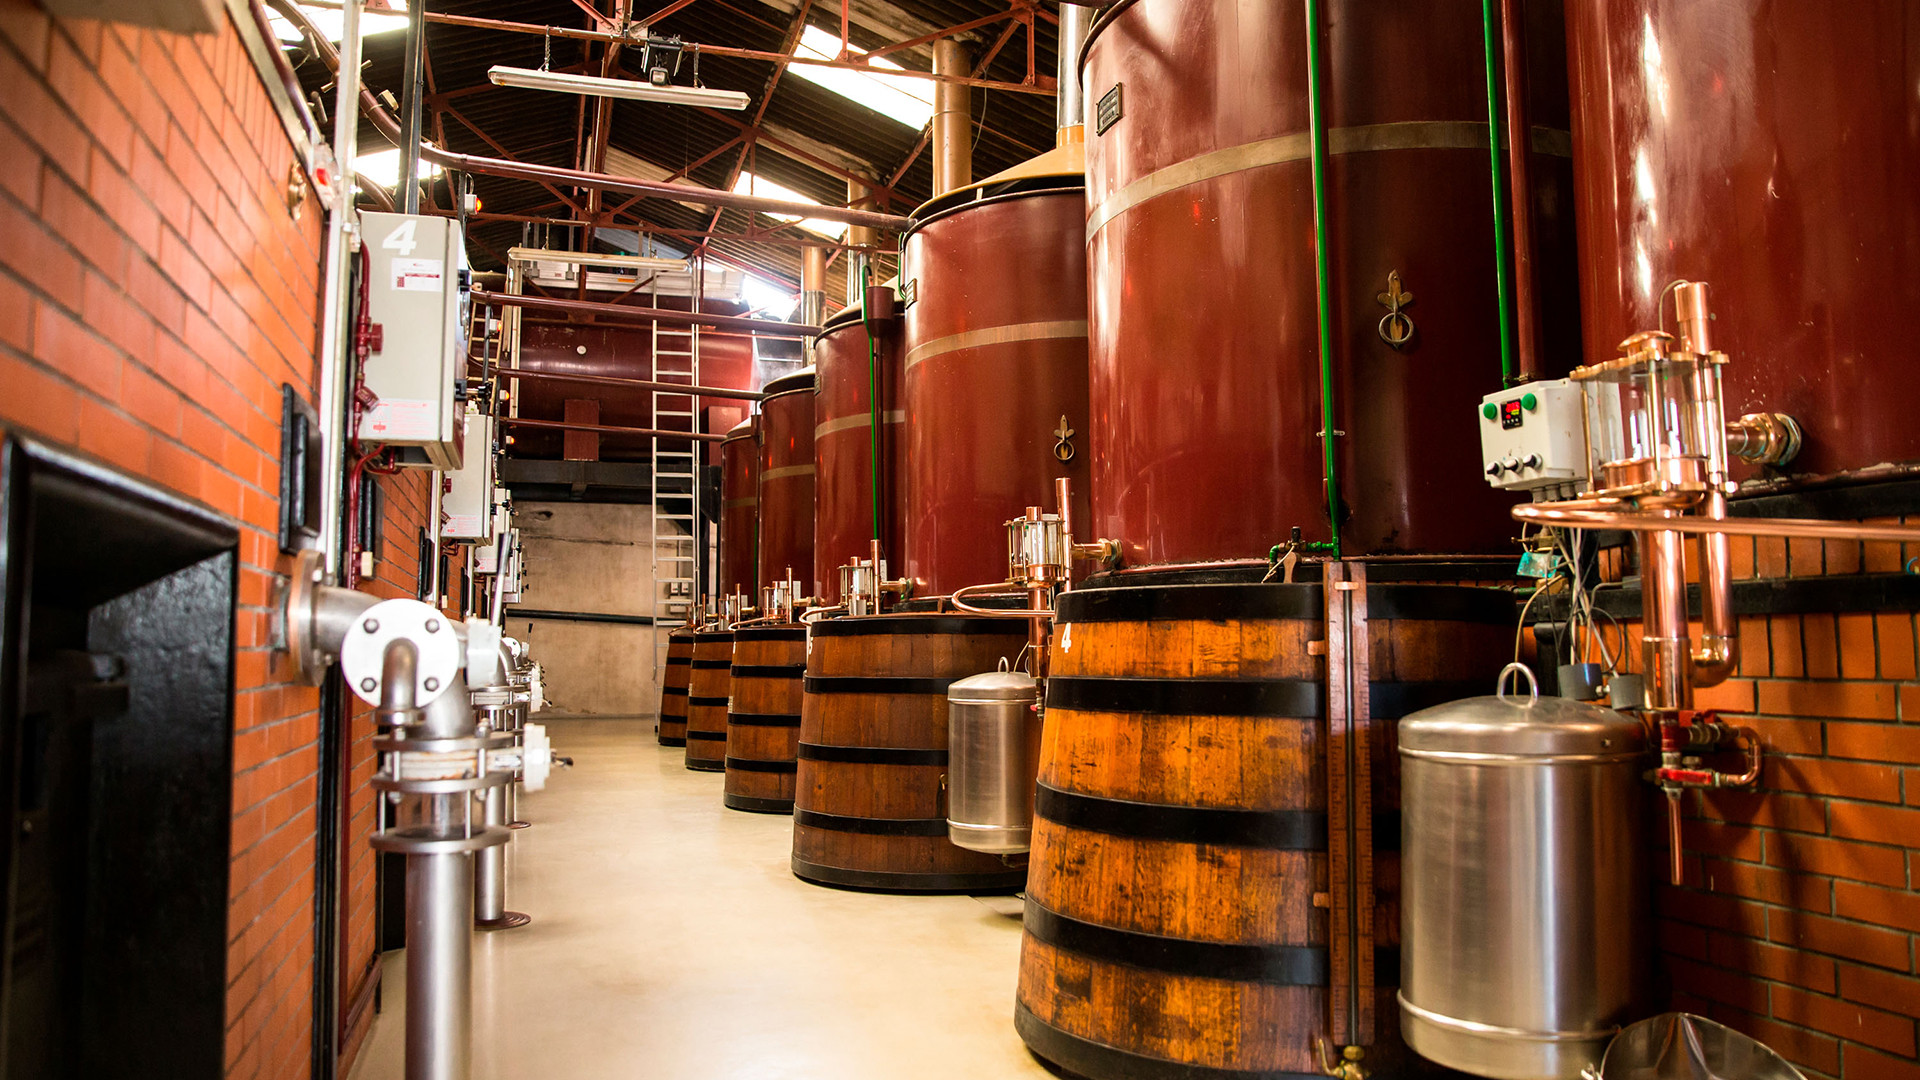 A still in the Citadelle distillery